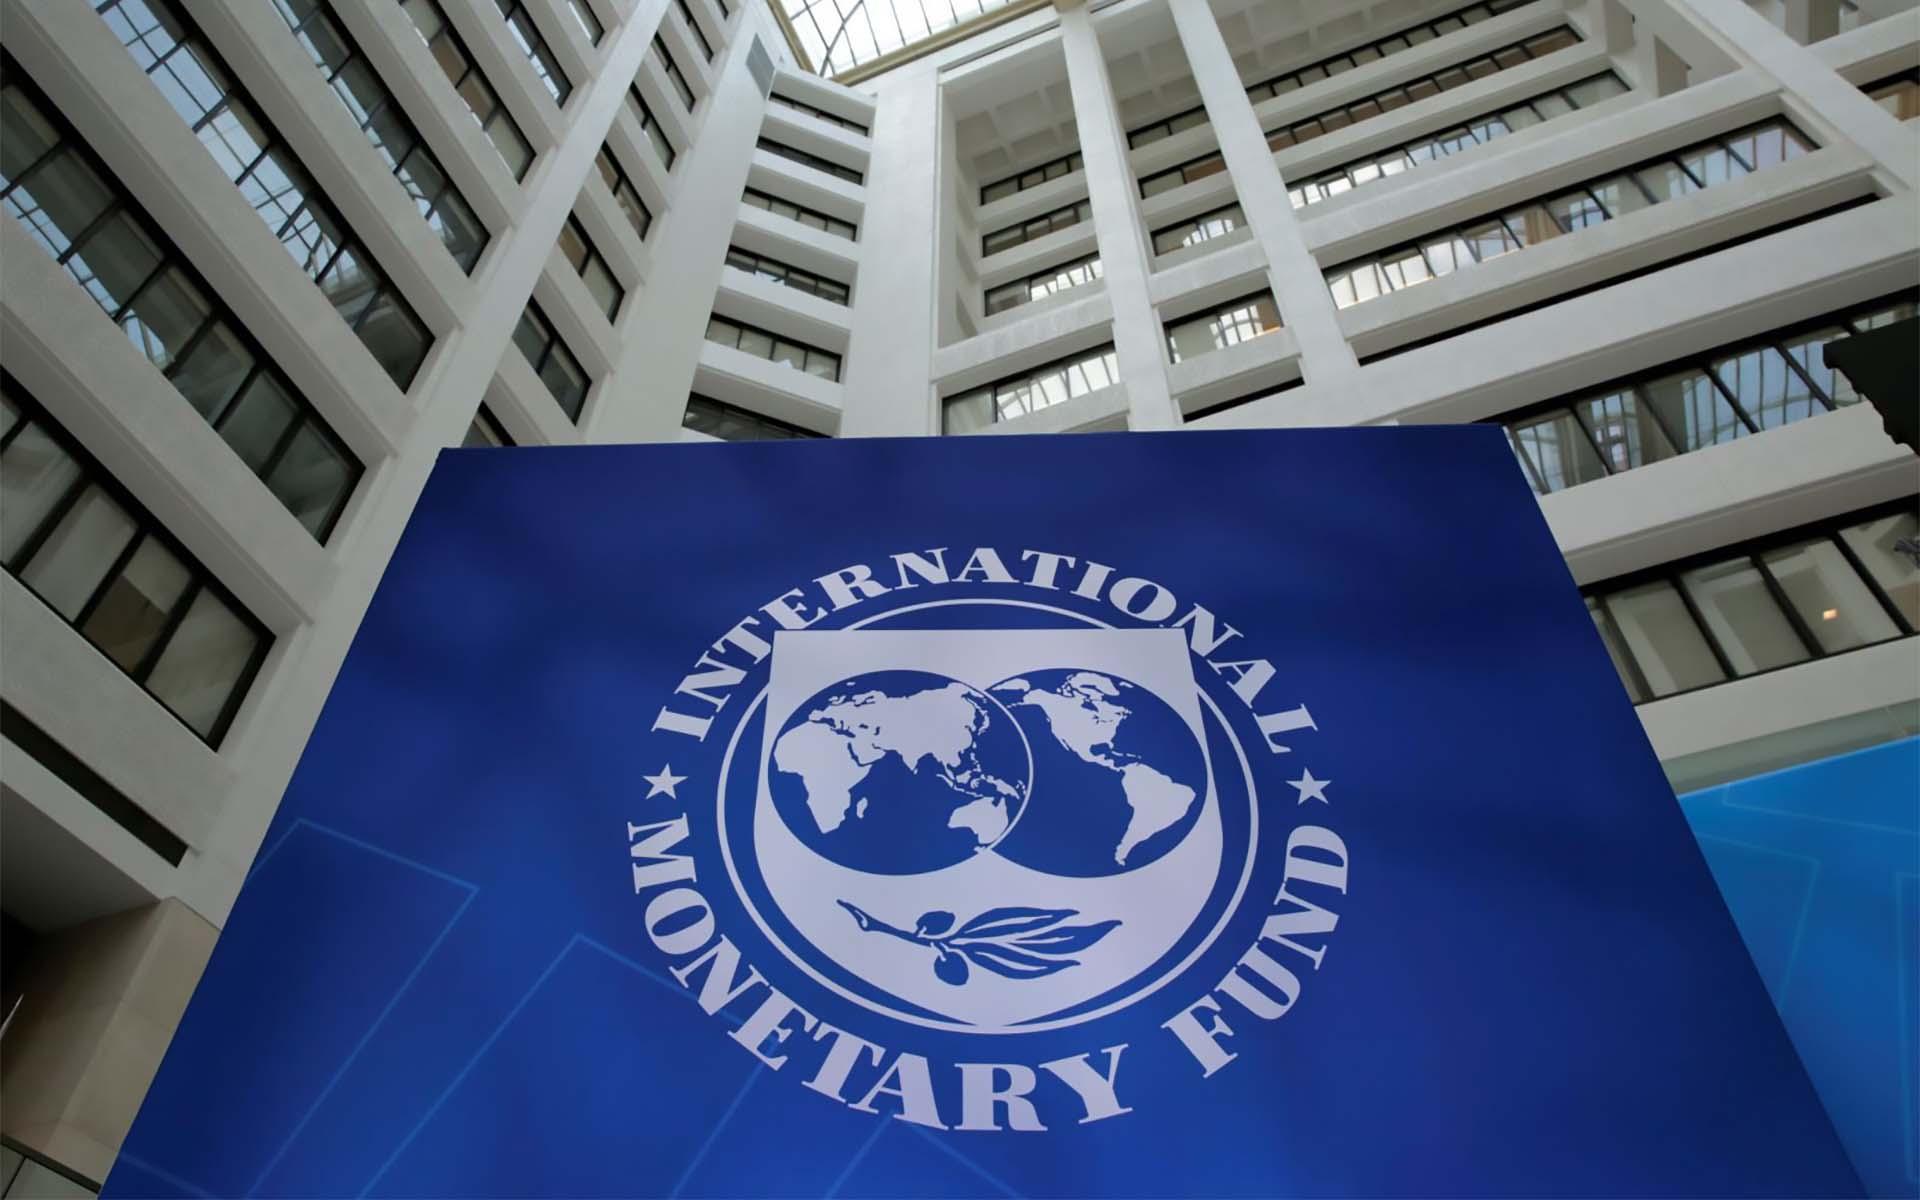 رواں مالی سال پاکستان کو منظور کردہ قرض میں سے 2 ارب ڈالر ملیں گے۔ فوٹو: فائل